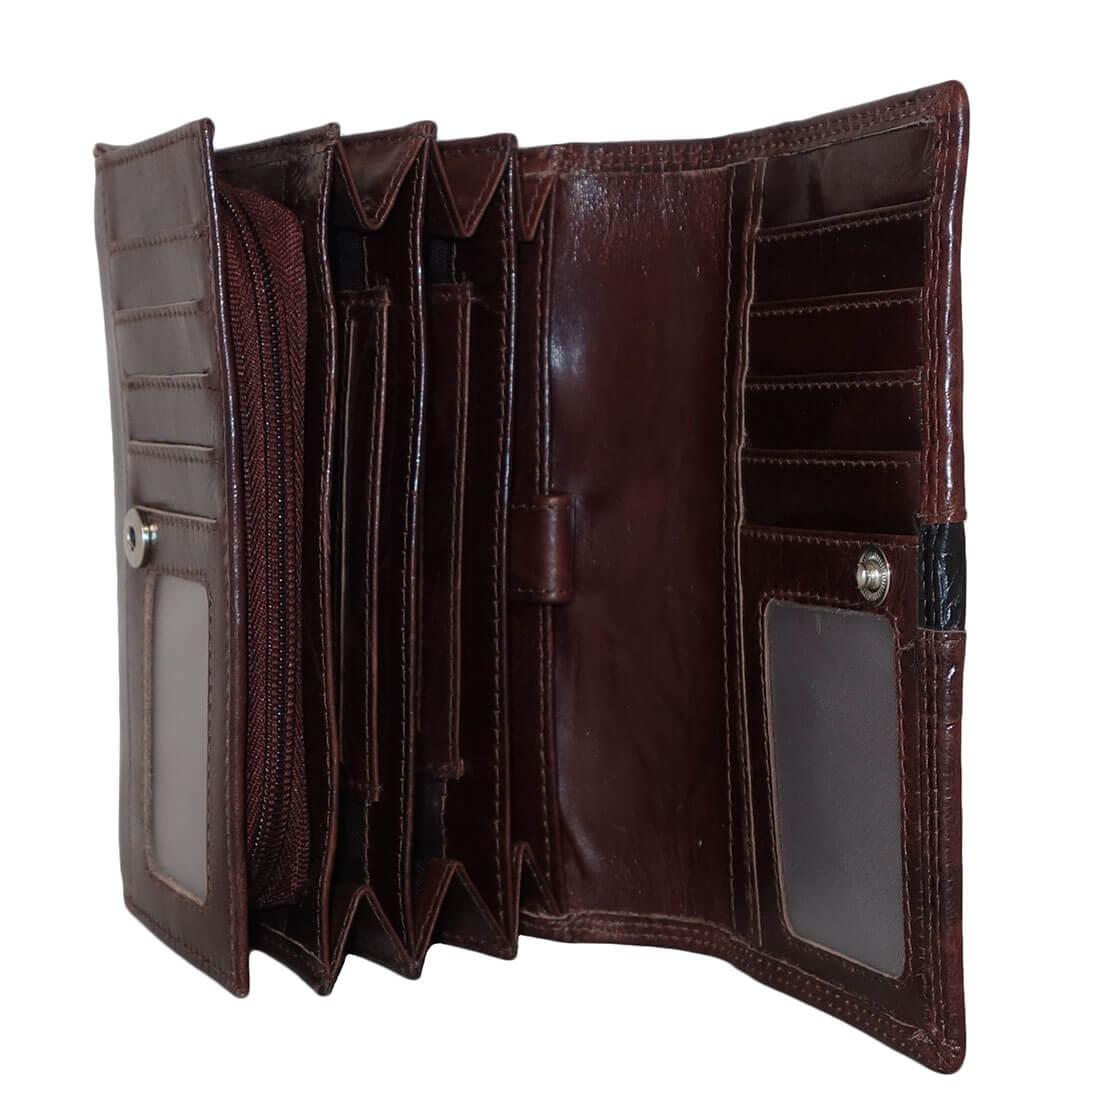 Dames Portemonnee Veel Pasjes.Leather Design Dames Portemonnee Croco Bruin Online Kopen